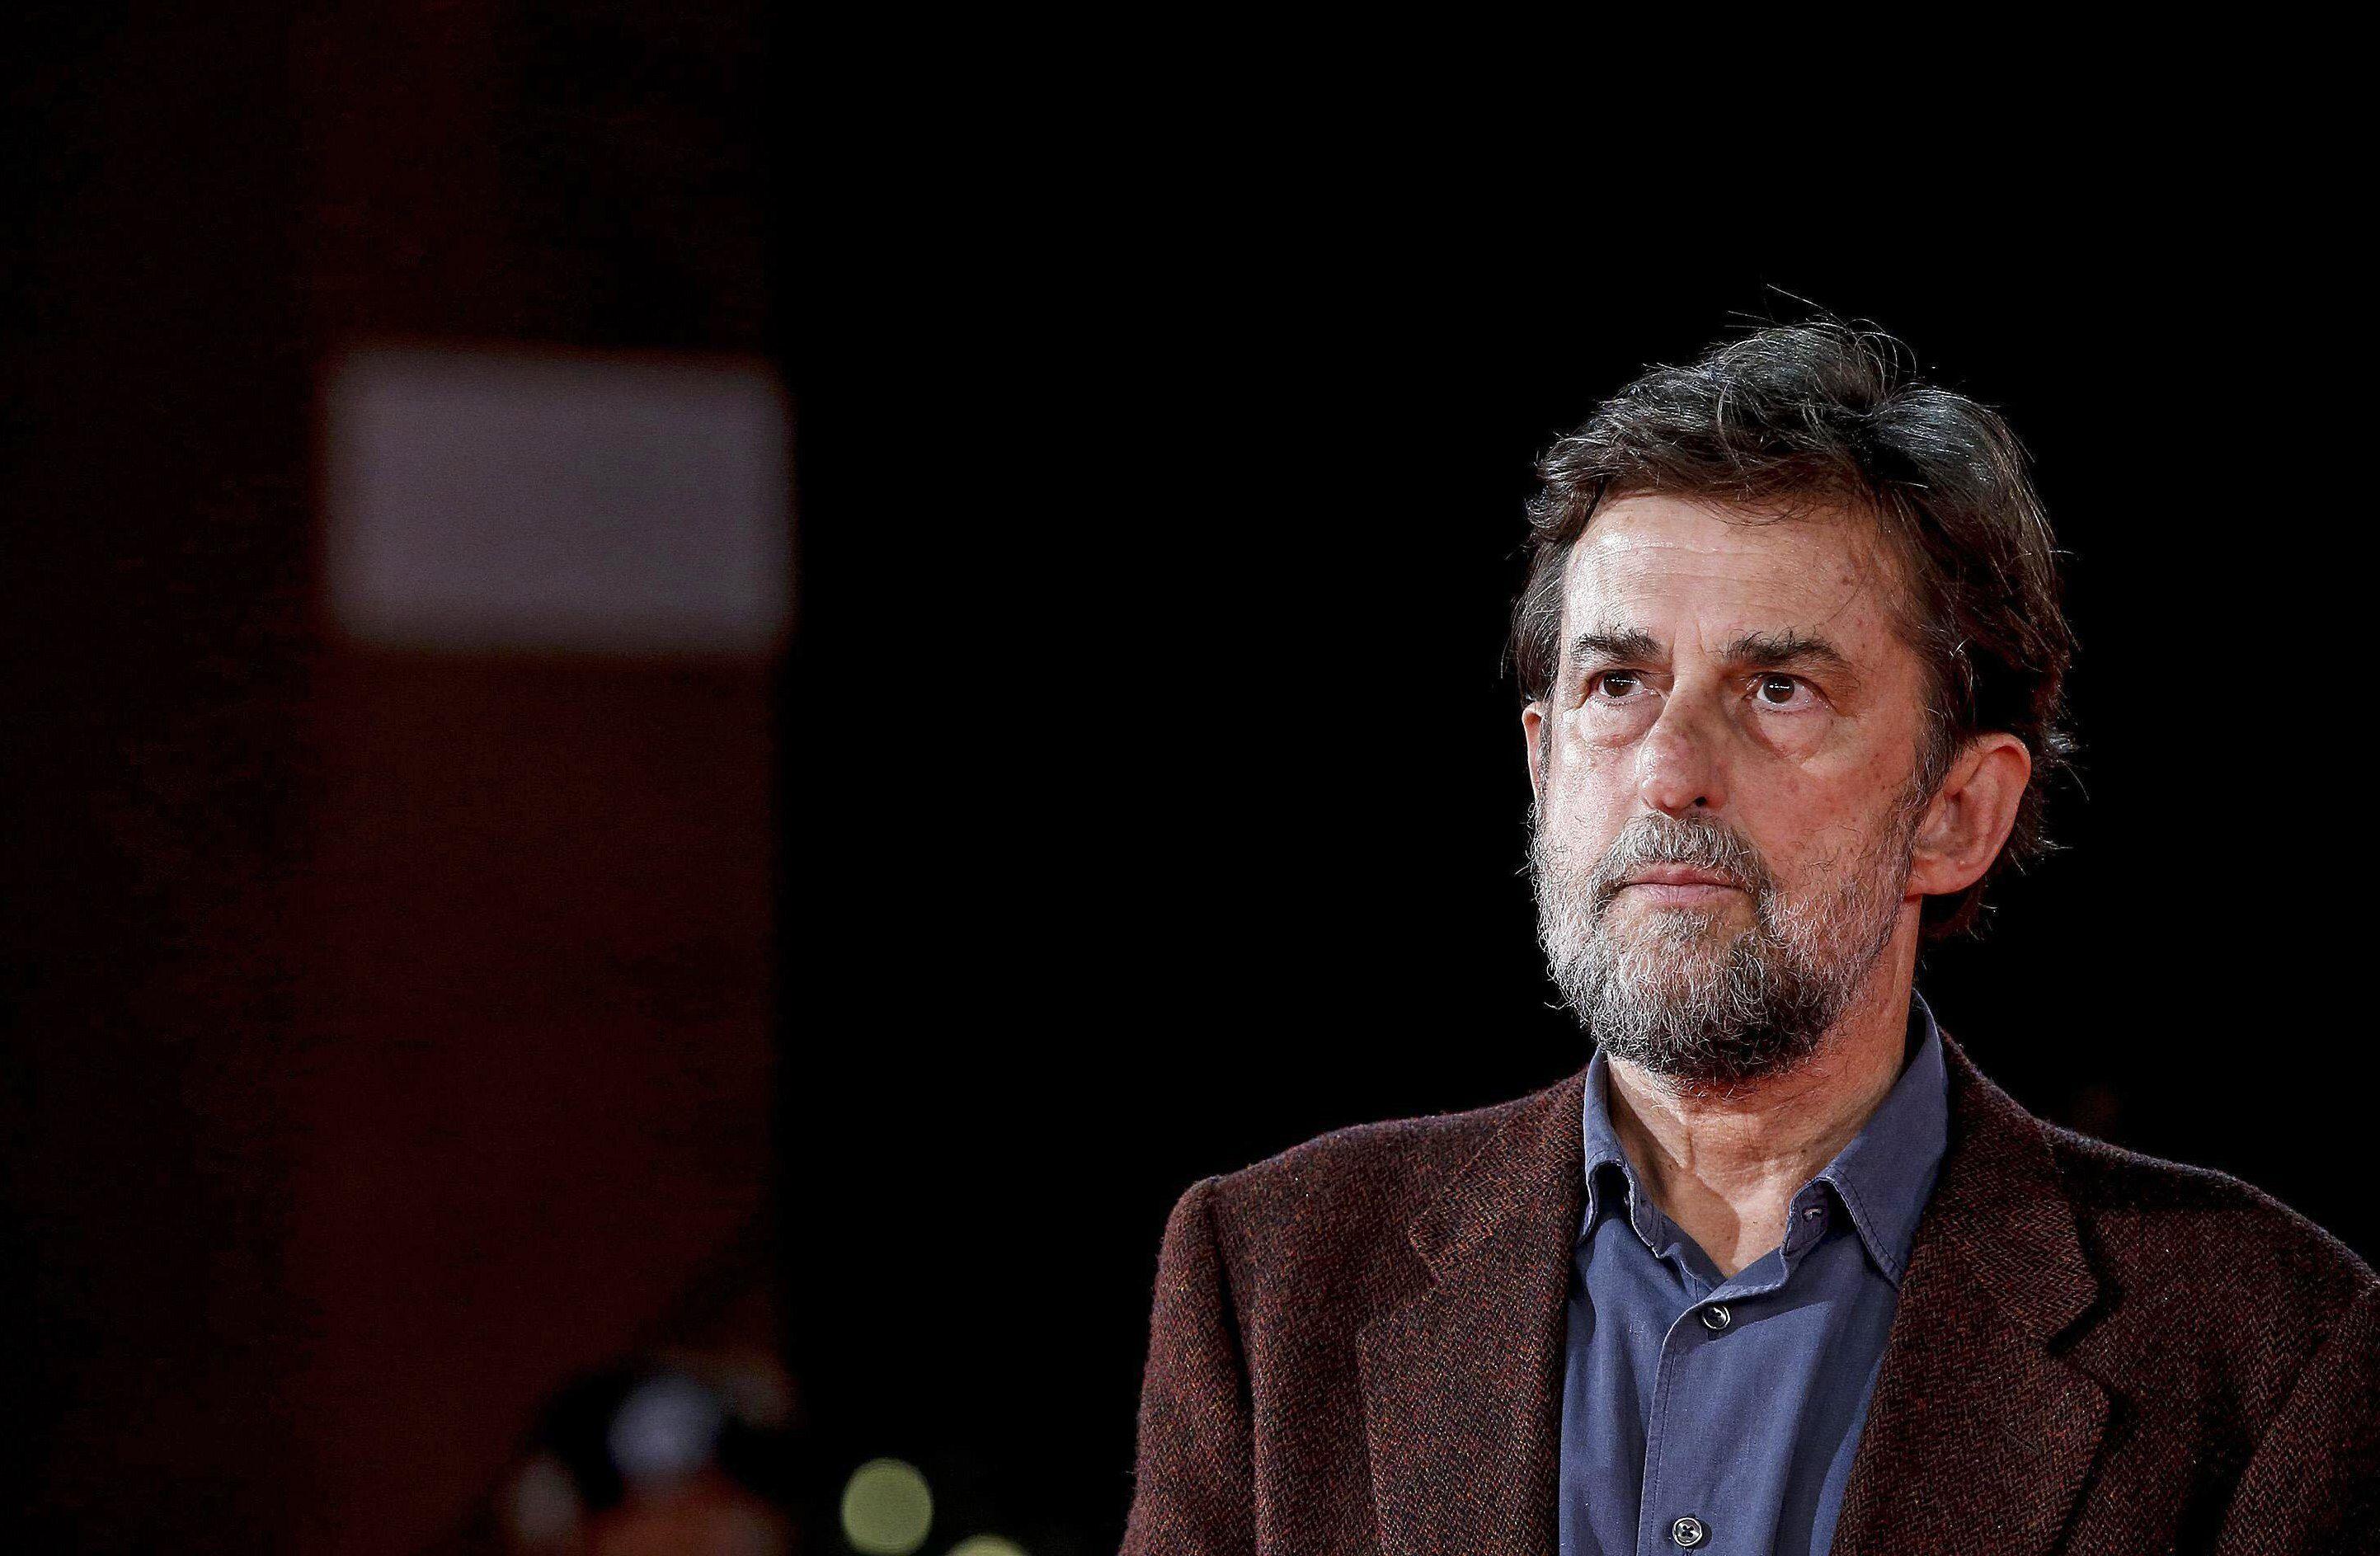 El director italiano Nanni Moretti. EFE/Fabio Frustaci/Archivo